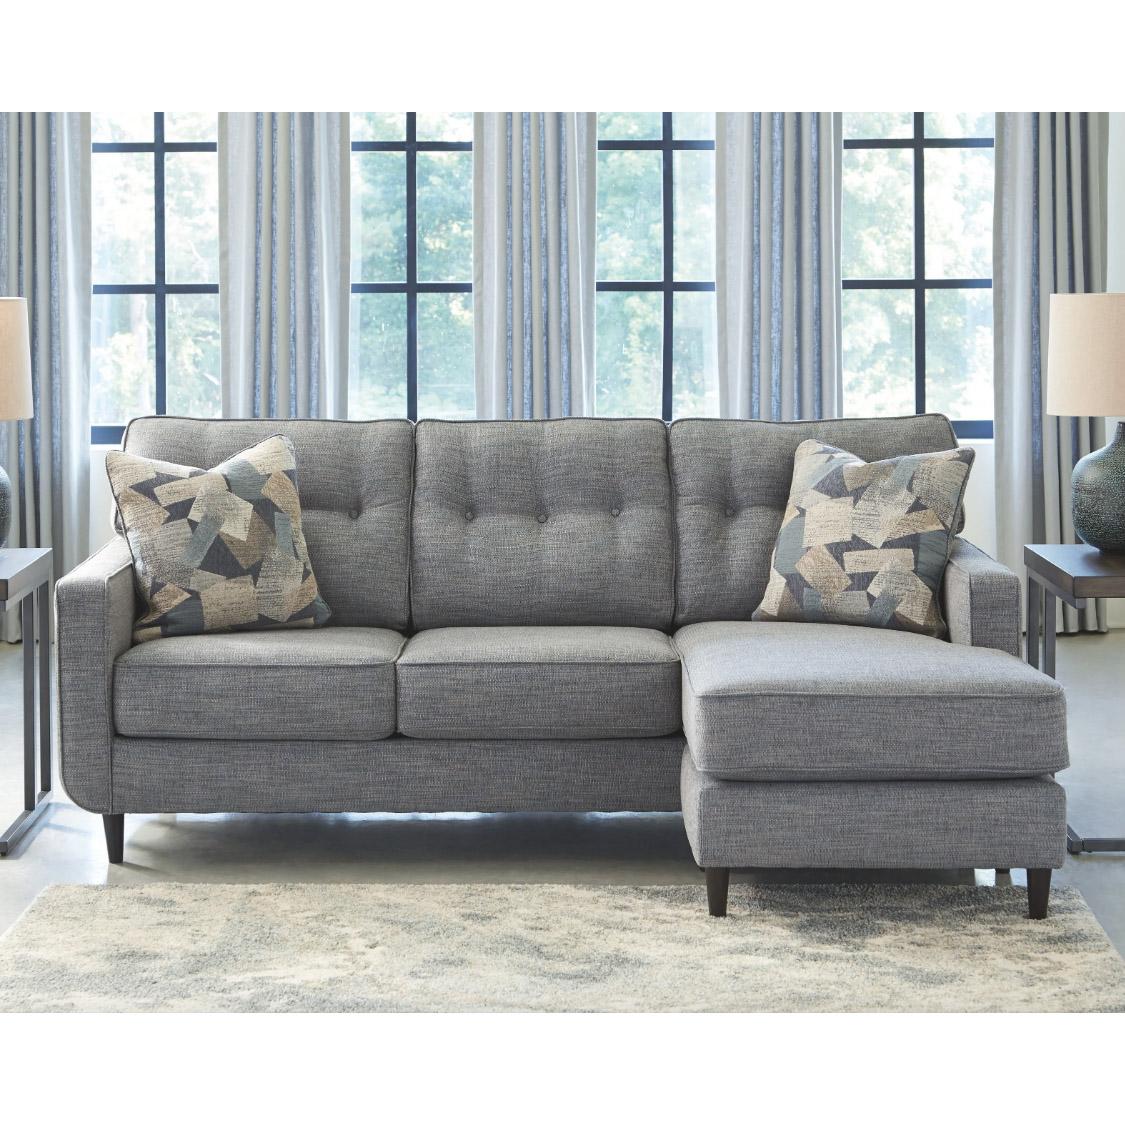 Mandon - River - Sofa Chaise